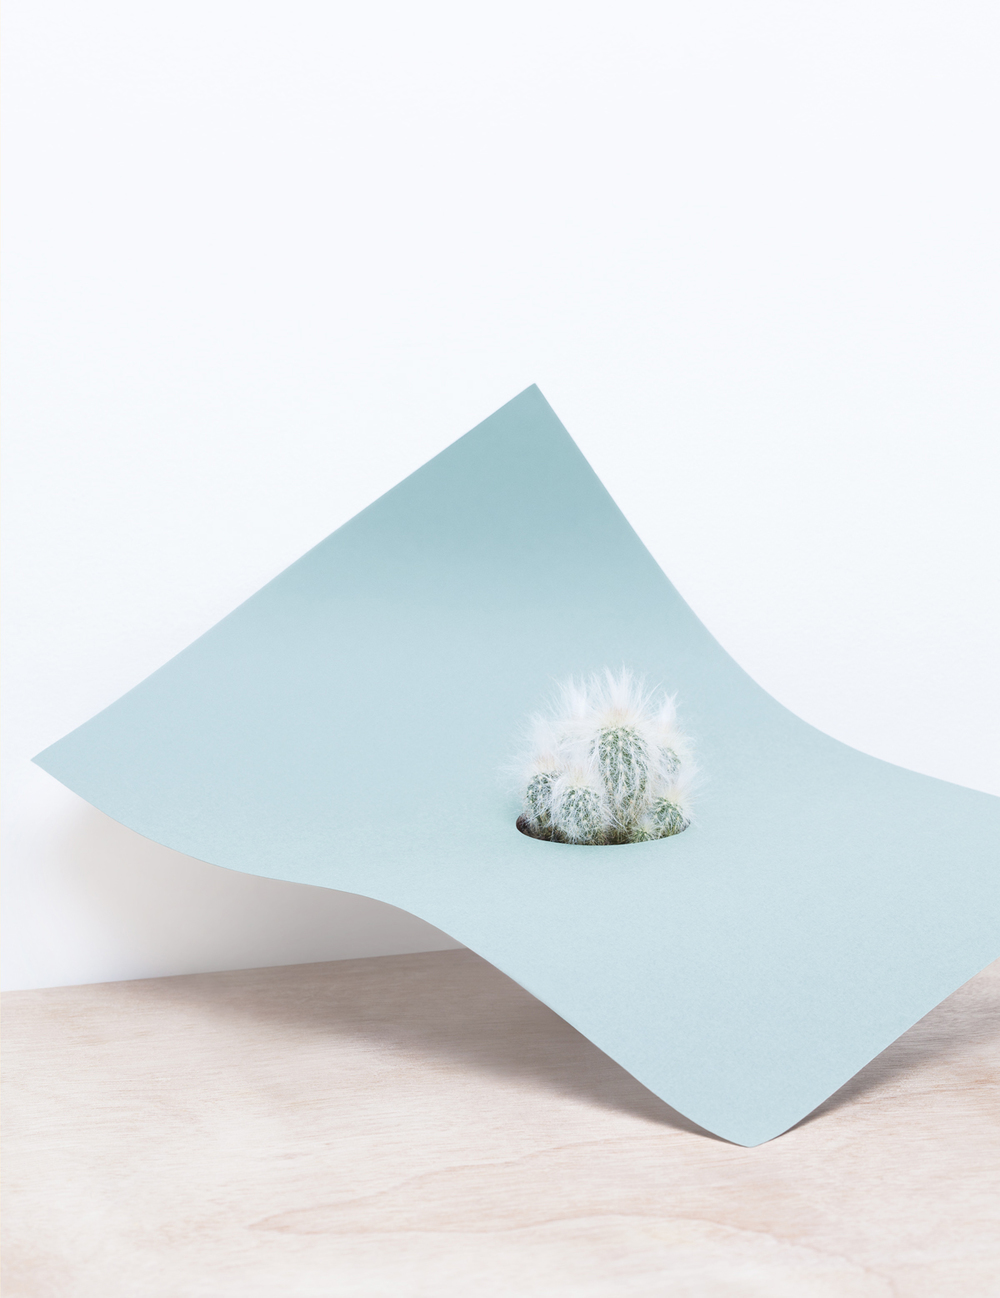 paper-plant-martina-lang-thatsitmag2.jpeg